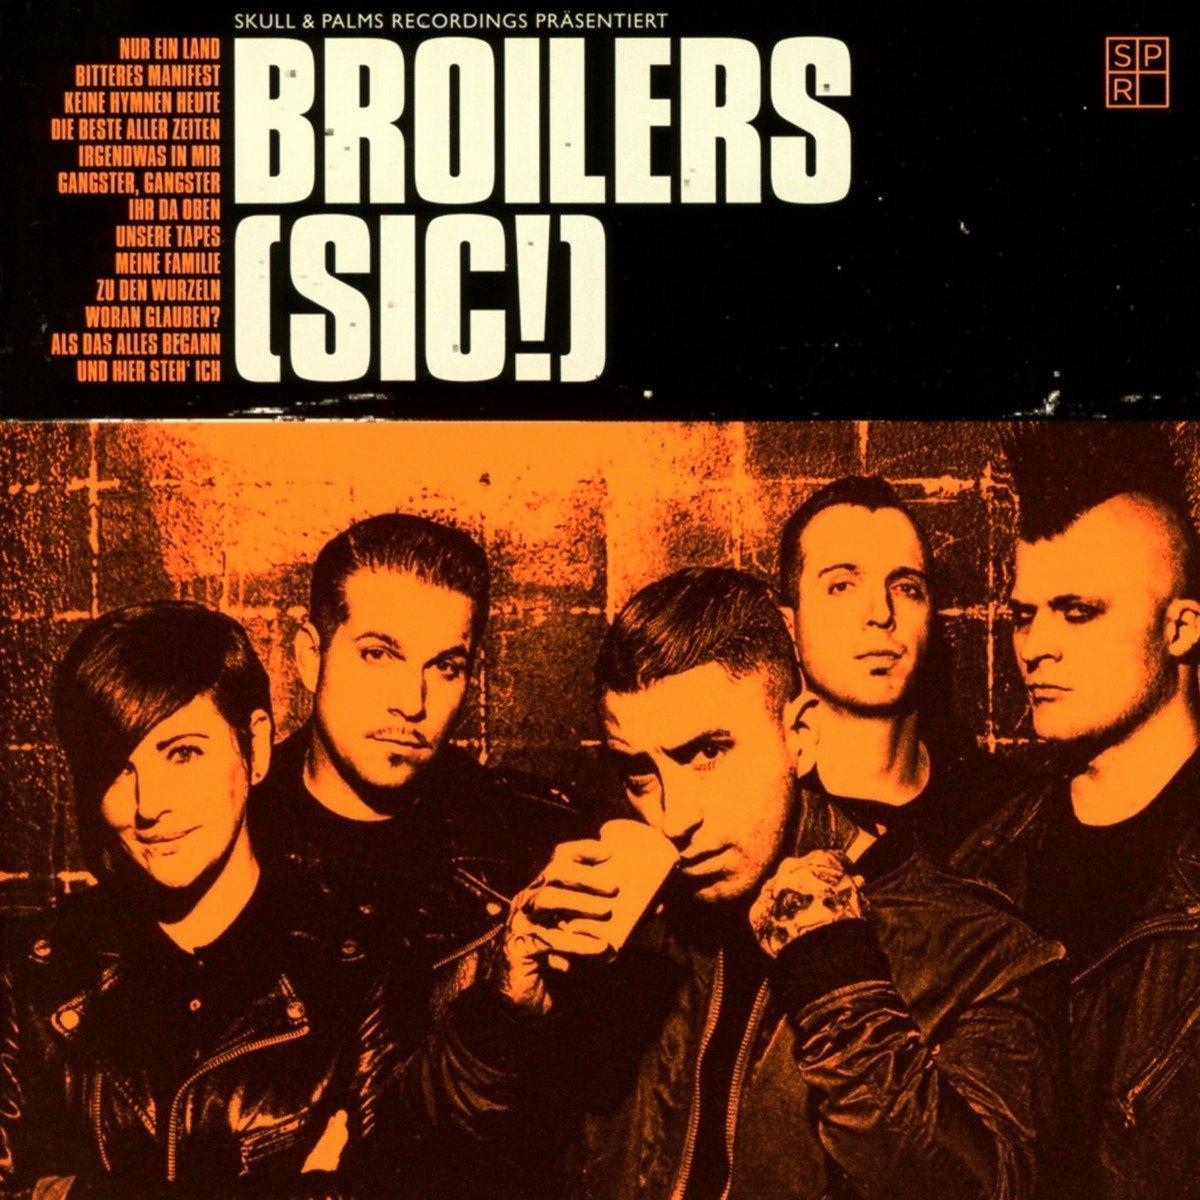 [sic!] - Broilers